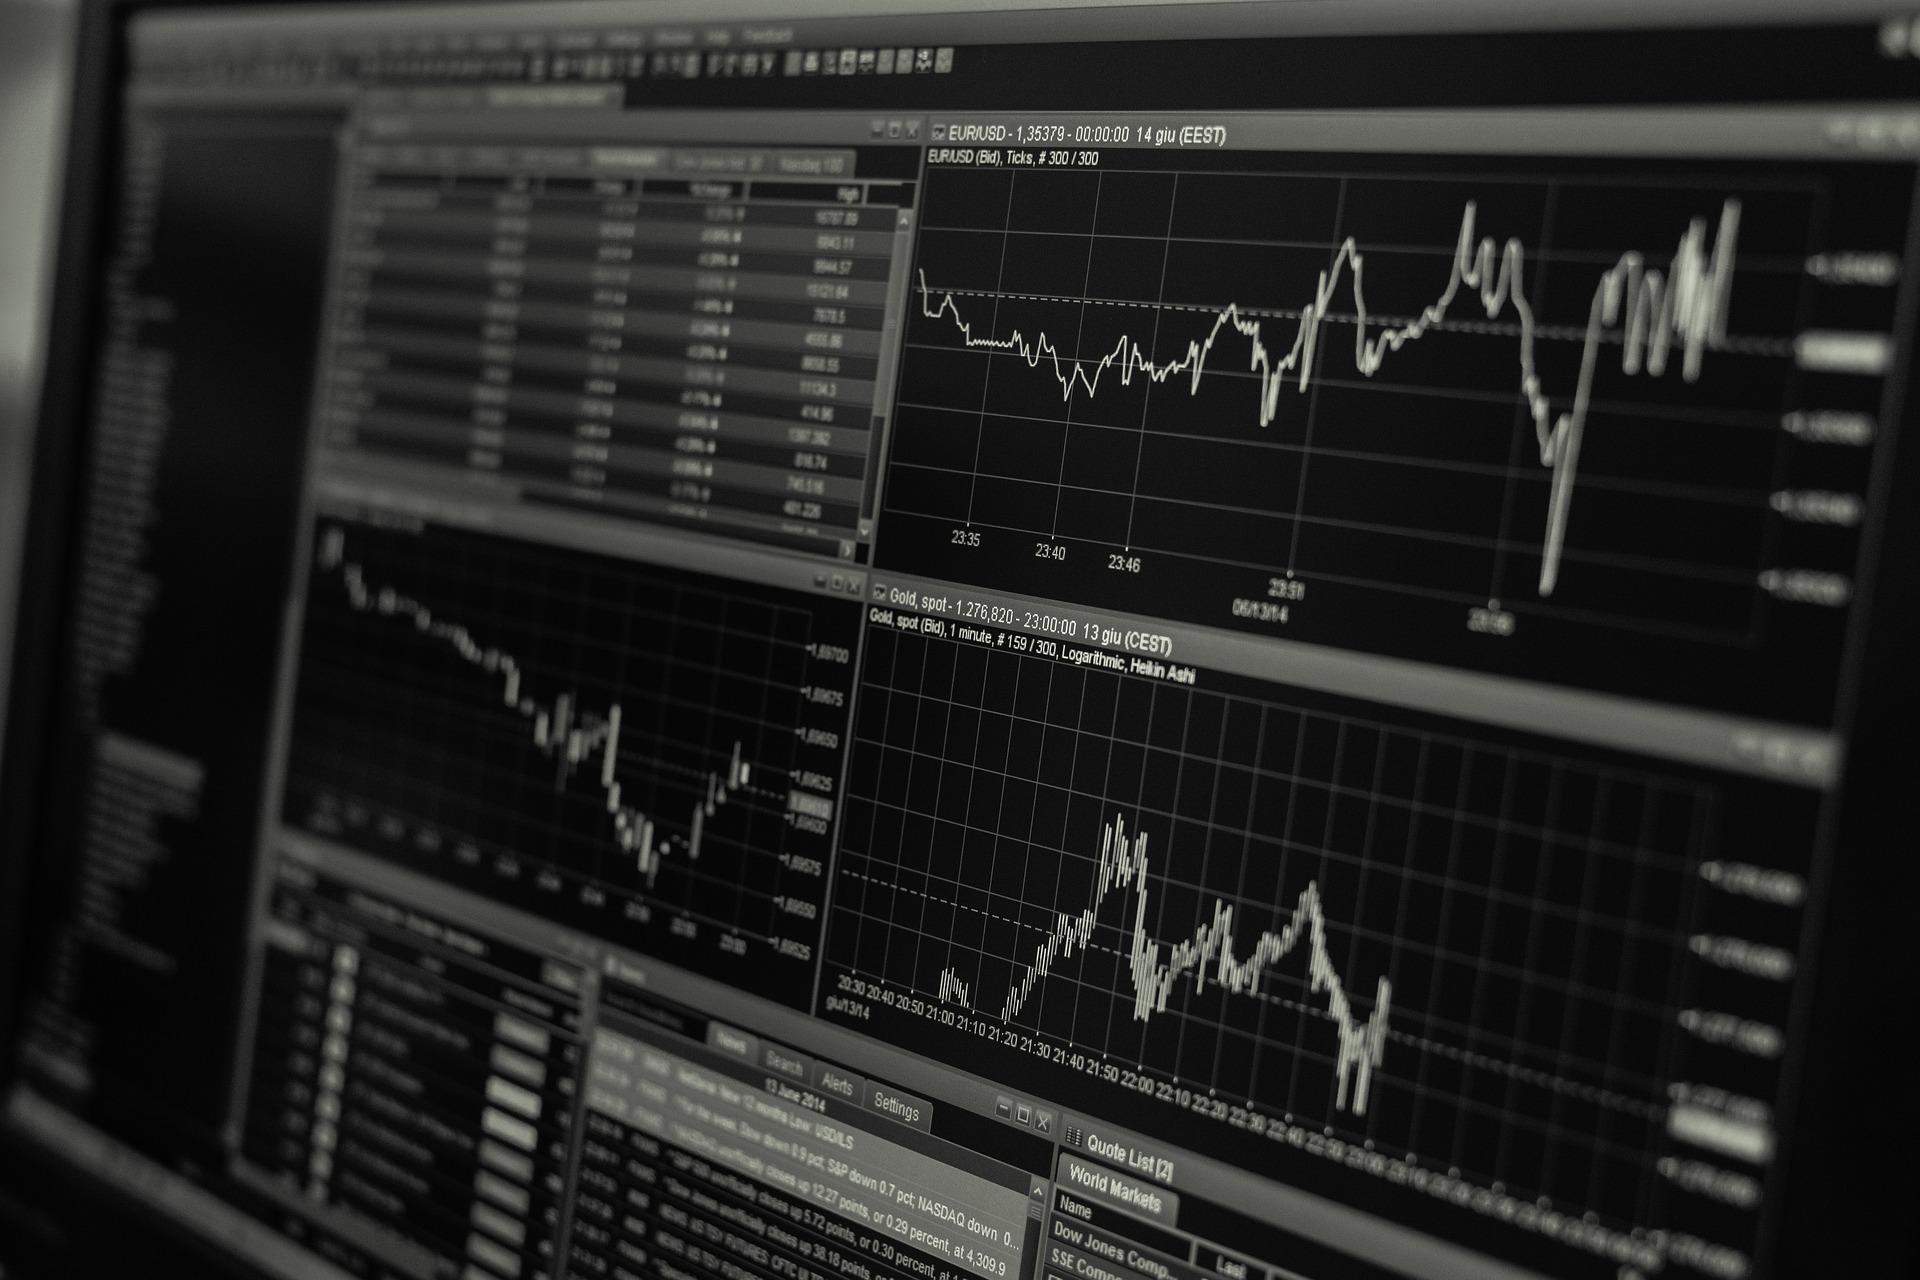 SGH: Koniunktura w handlu w II kwartale 2020 r.